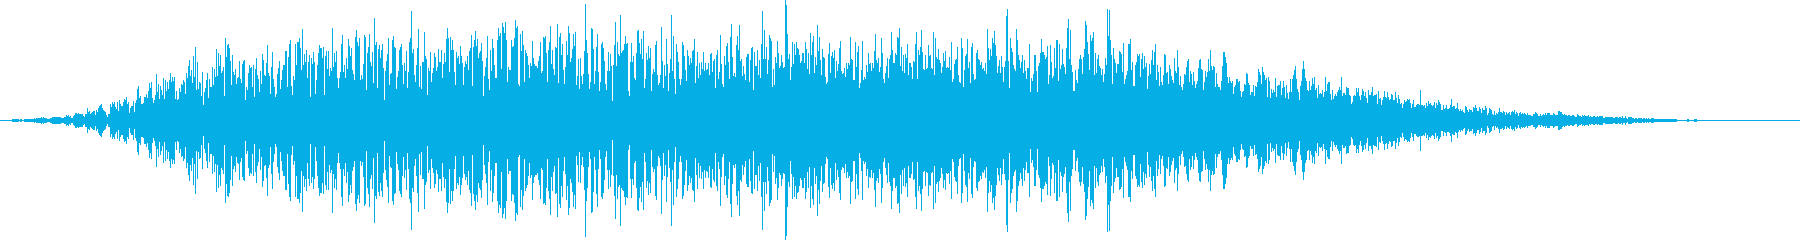 【物音】 シート テーブル 動かす 05の再生済みの波形